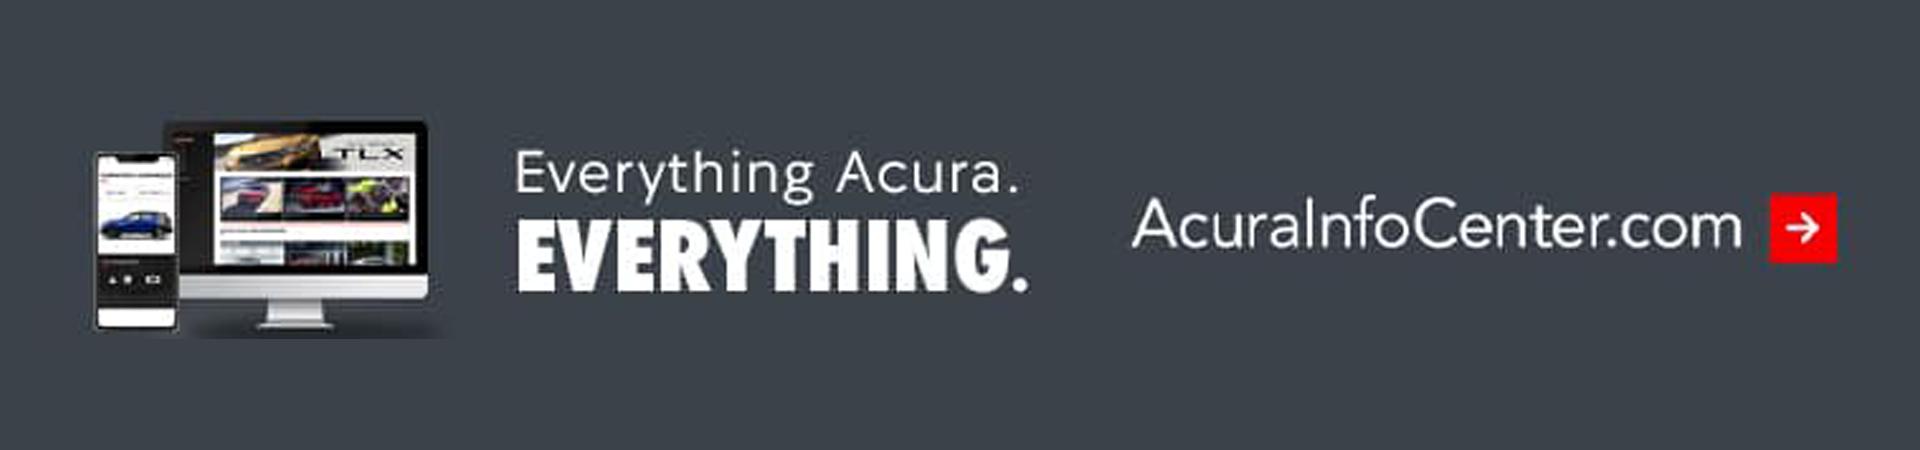 AcuraInfoCenter